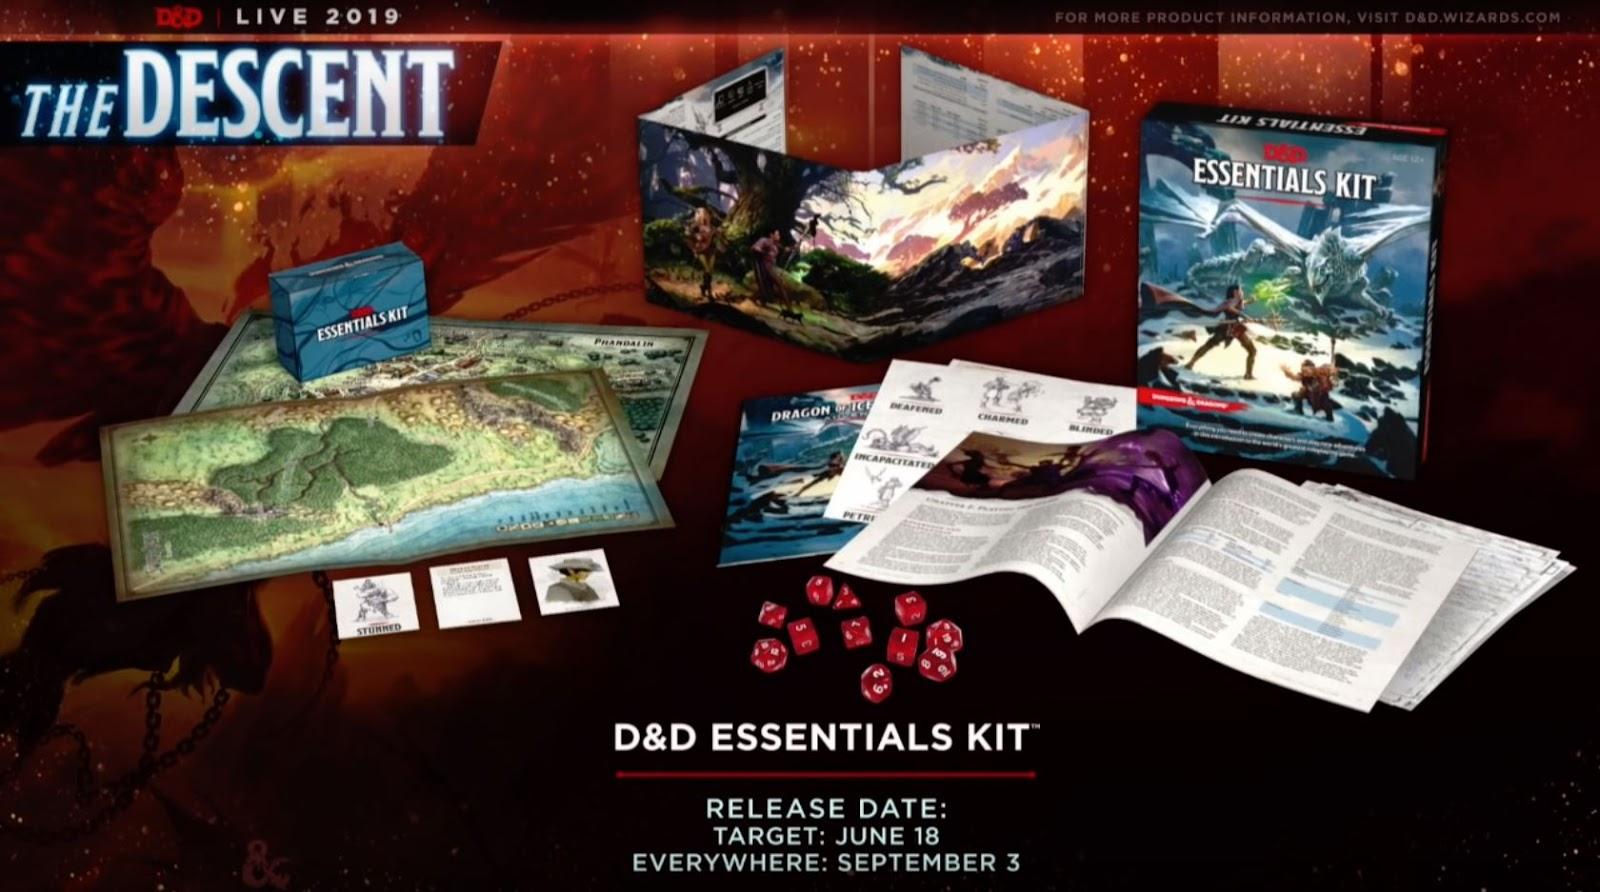 D&D Essentials Kit contents